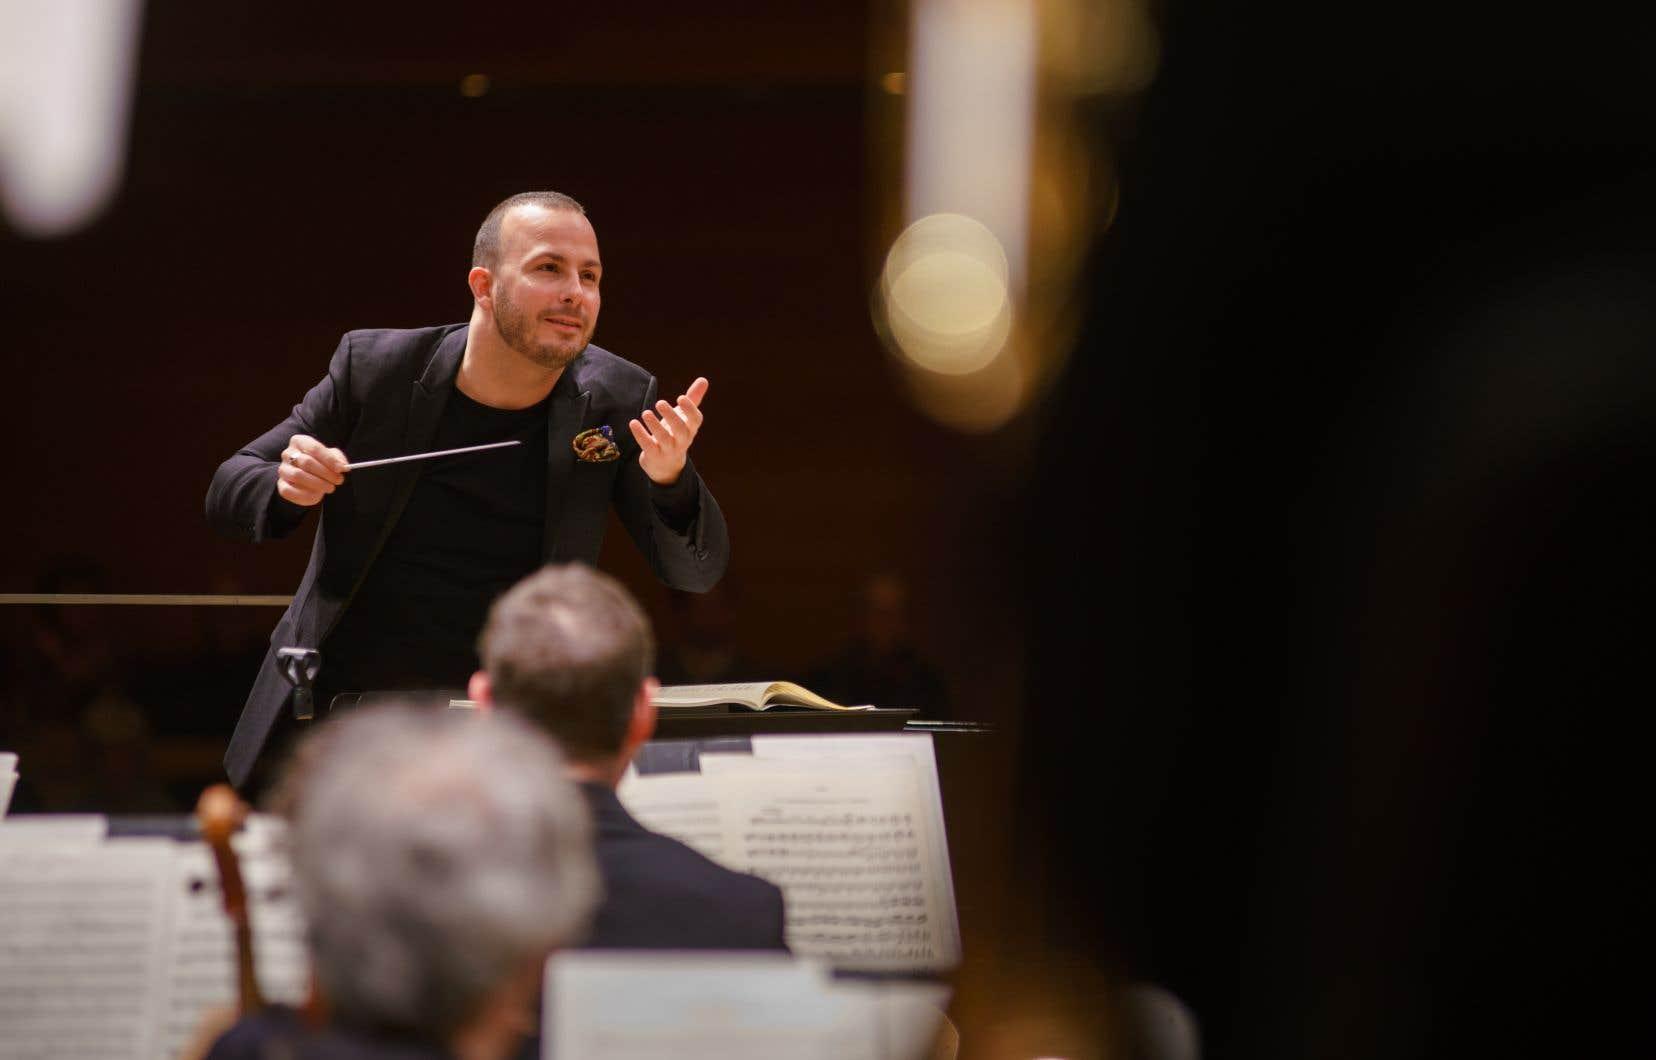 Cette production s'inscrit très clairement dans les retombées positives pour la métropole du rayonnement international grandissant de Yannick Nézet-Séguin (sur la photo) et de sa position au Metropolitan Opera.